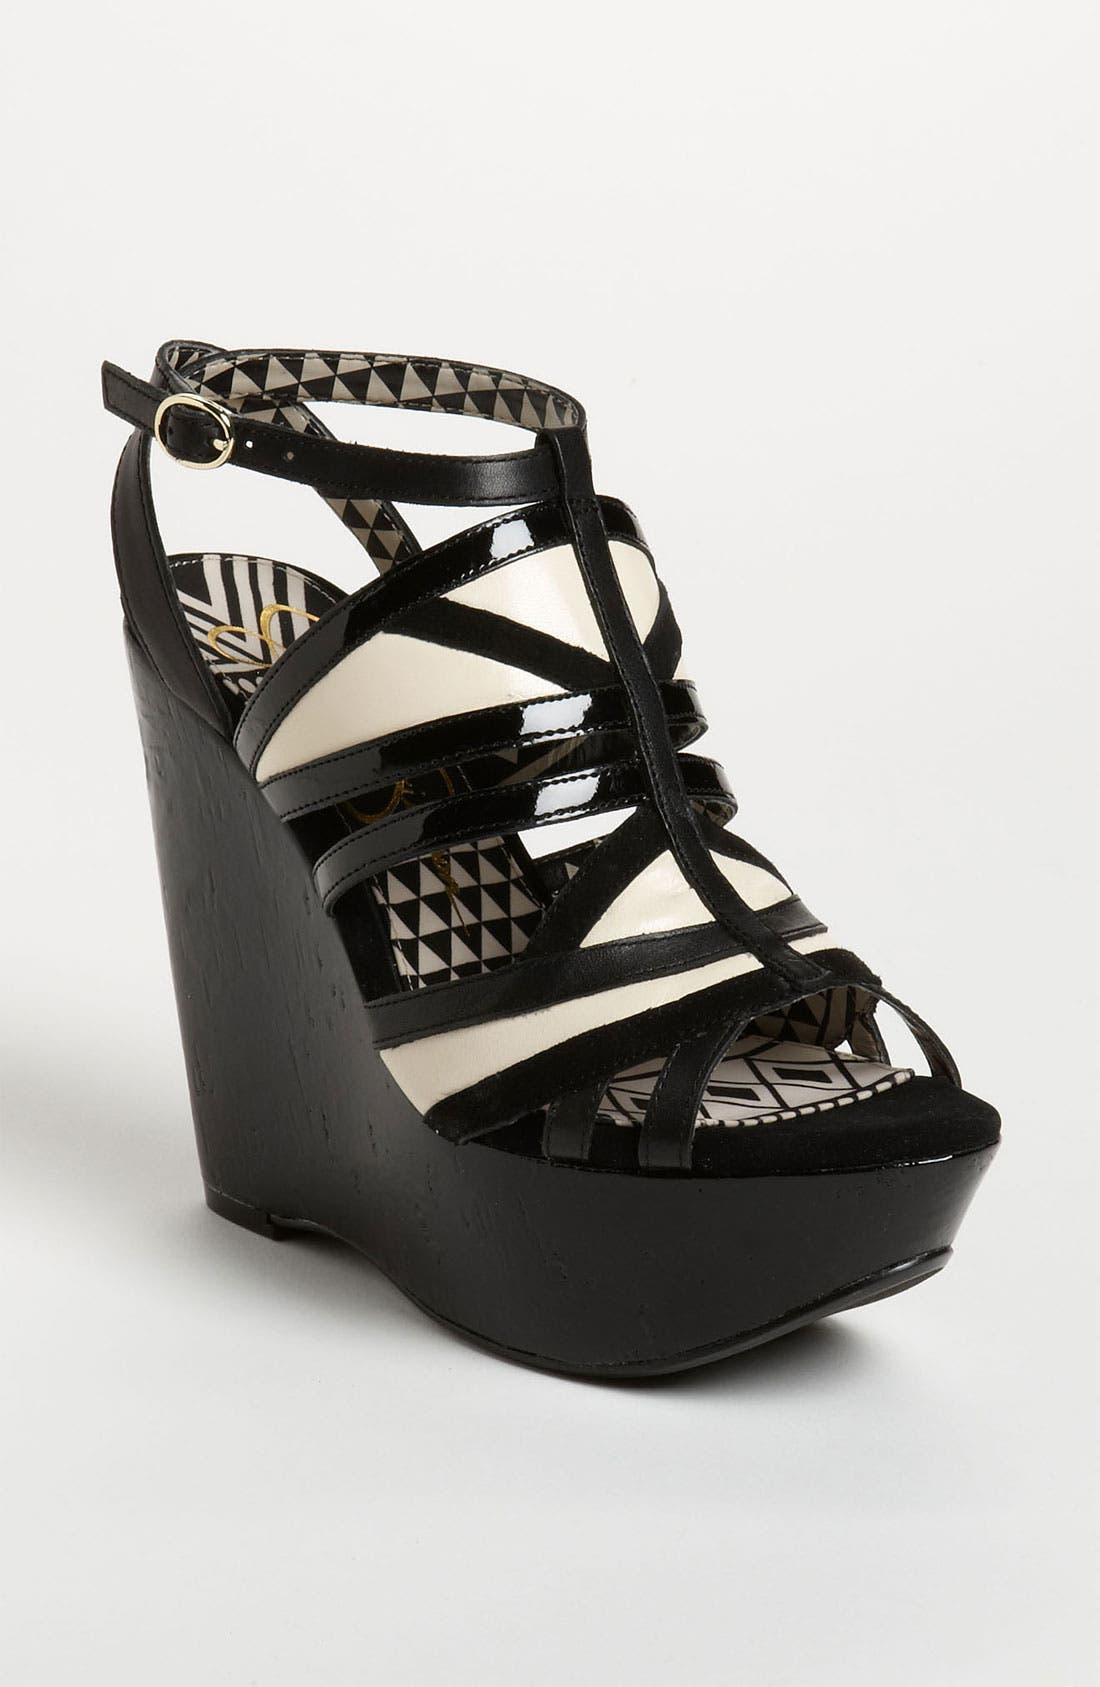 Alternate Image 1 Selected - Jessica Simpson 'Krisella' Sandal